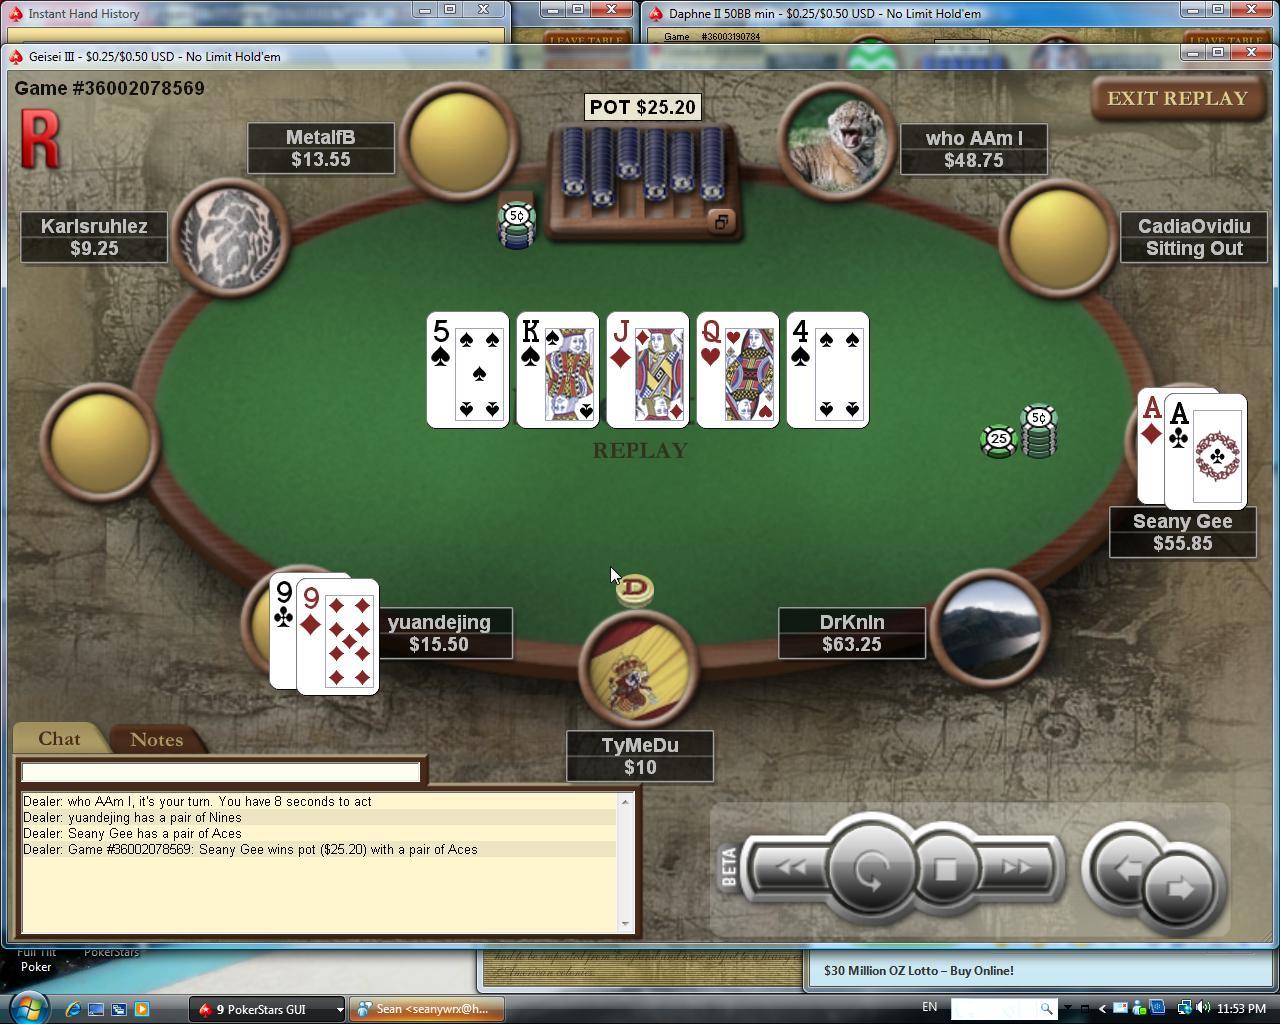 Про онлайн казино как зобрать свой выигрыш